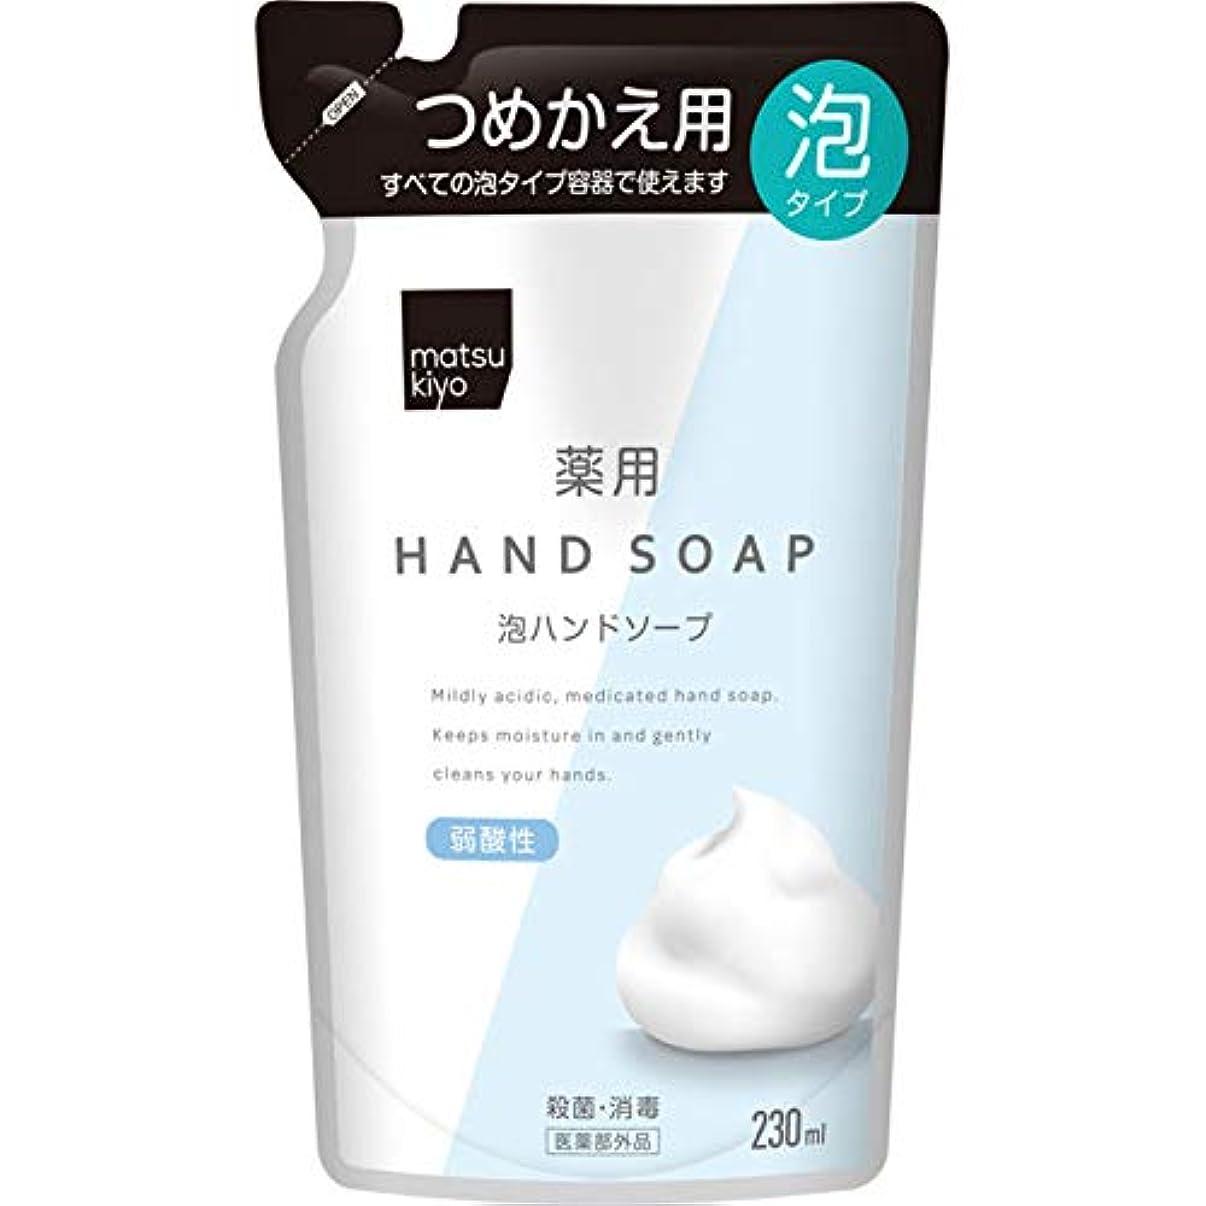 舗装する外国人たぶんmatsukiyo 薬用泡ハンドソープ詰替 230ml (医薬部外品)